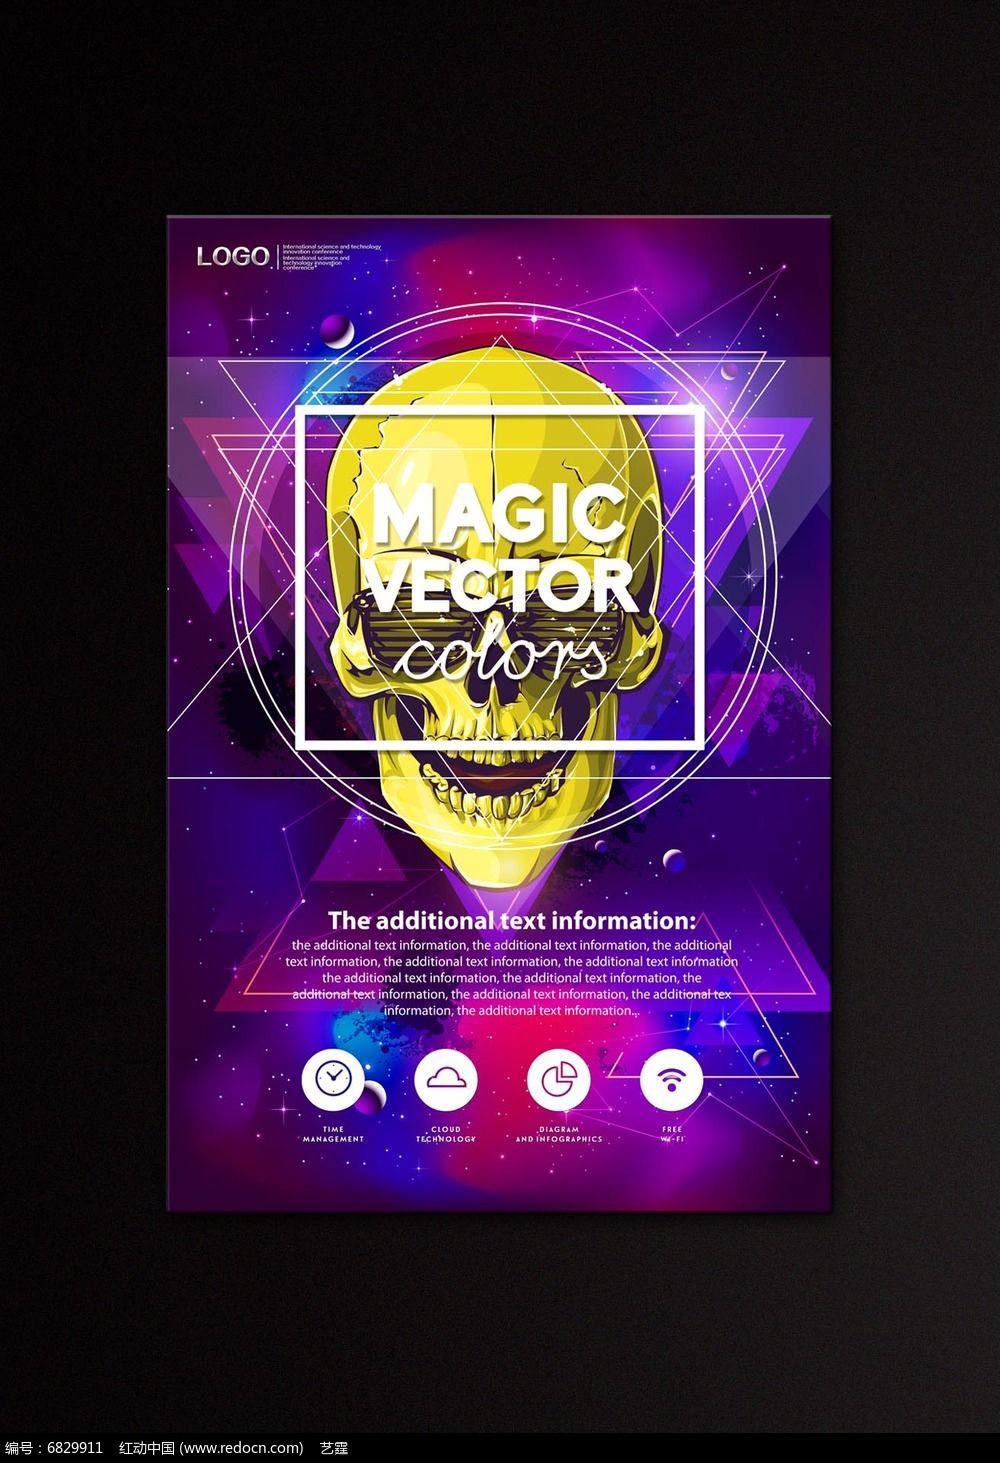 原创设计稿 海报设计/宣传单/广告牌 海报设计 紫色酷炫大气ktv海报图片